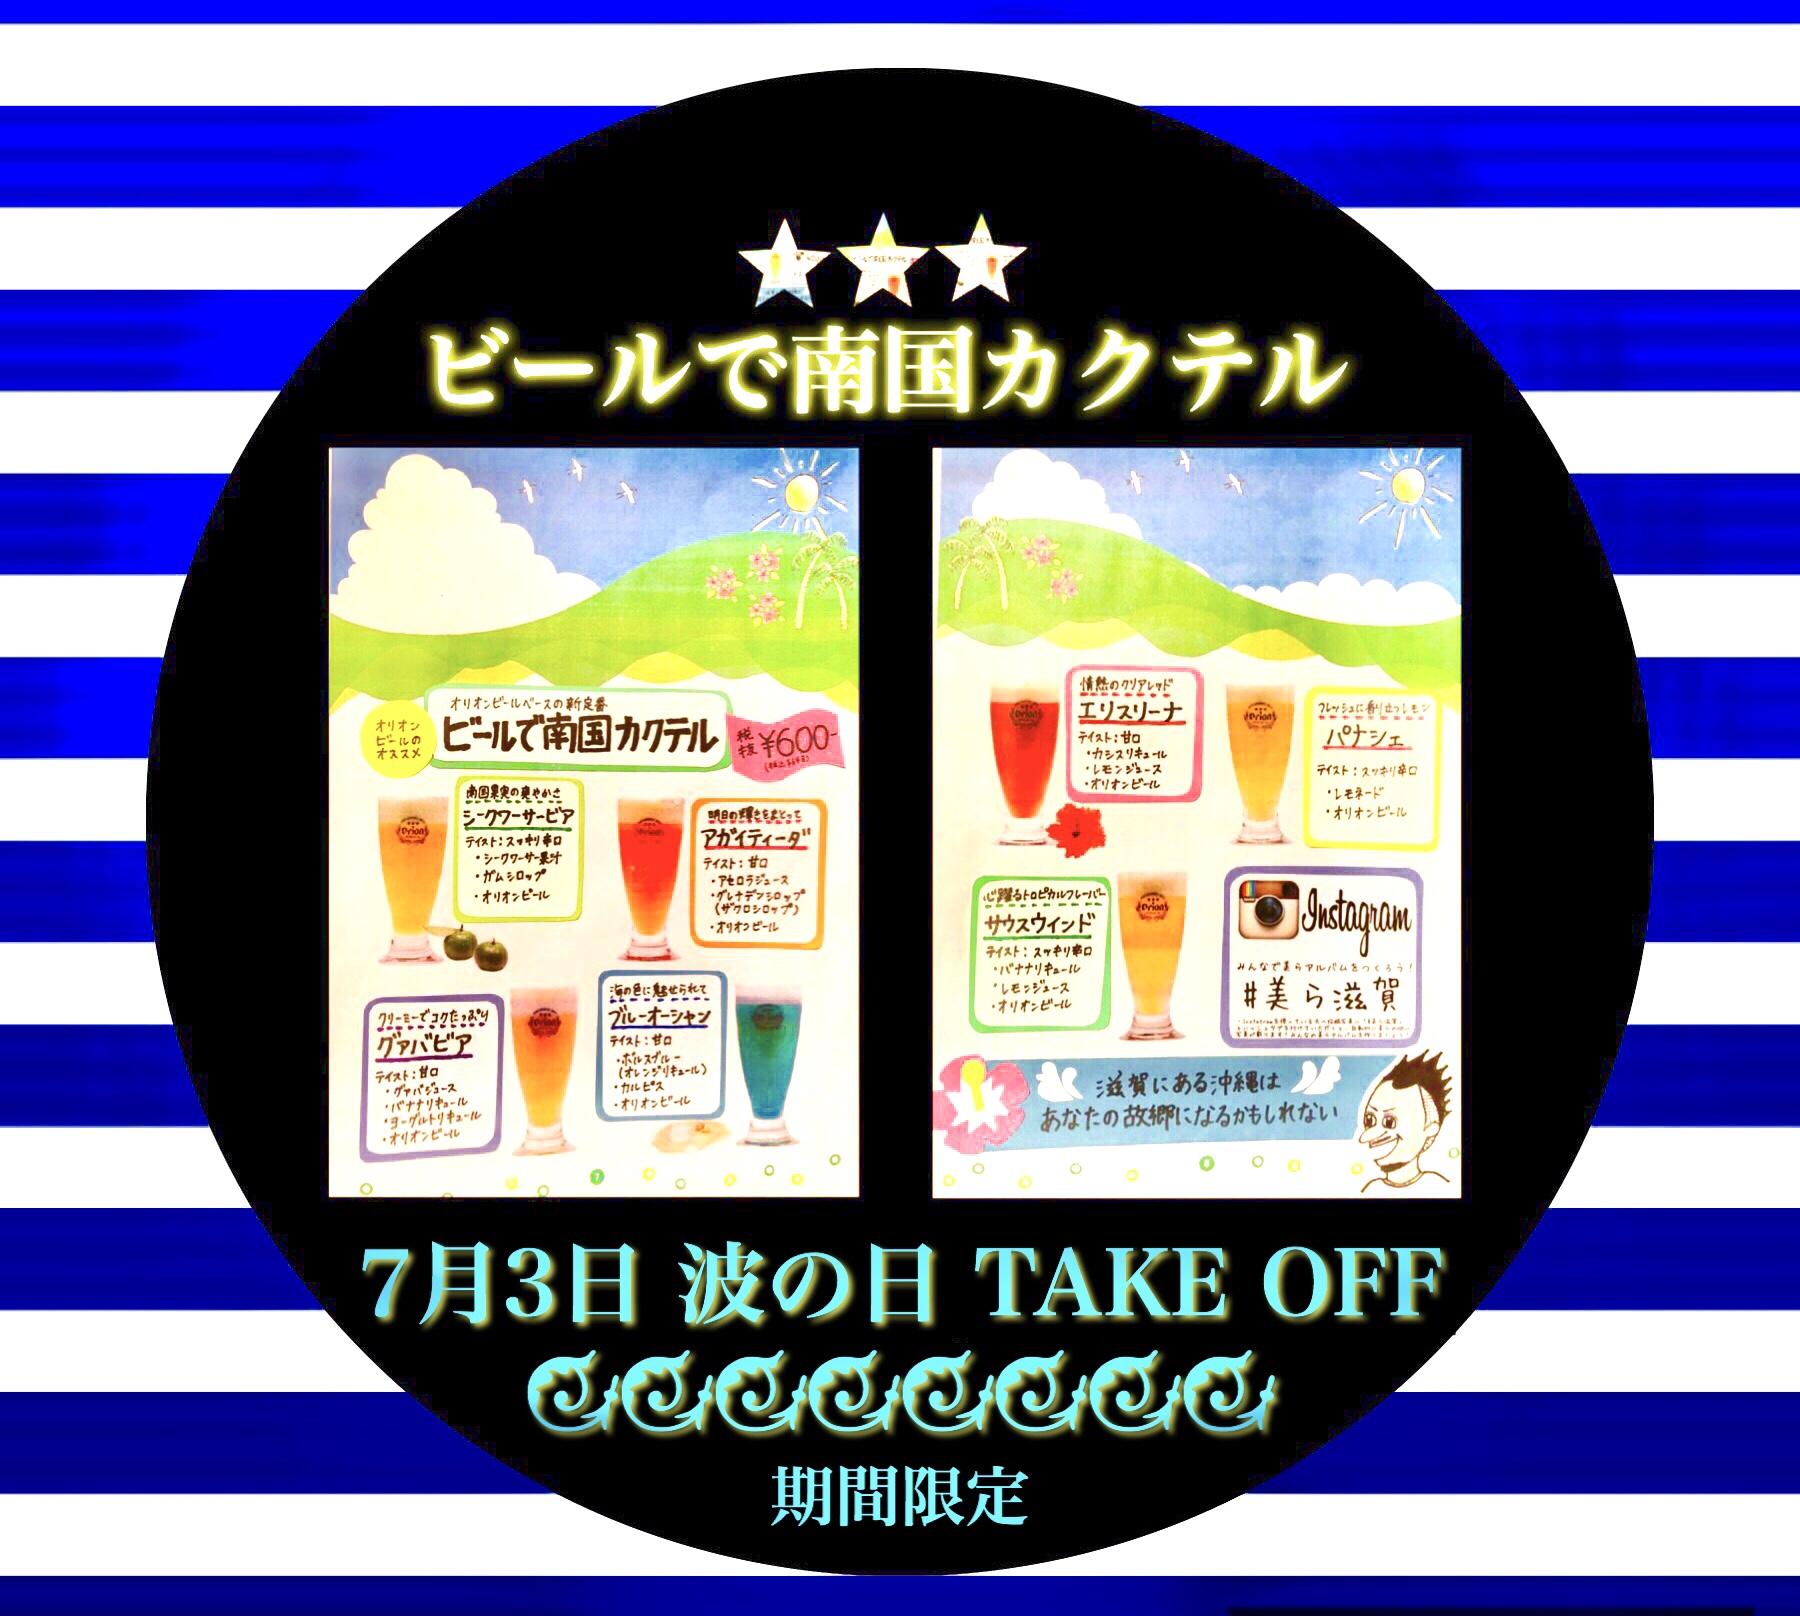 オリオンビールの新定番 「ビールで南国カクテル」7月3日 期間限定デビュー